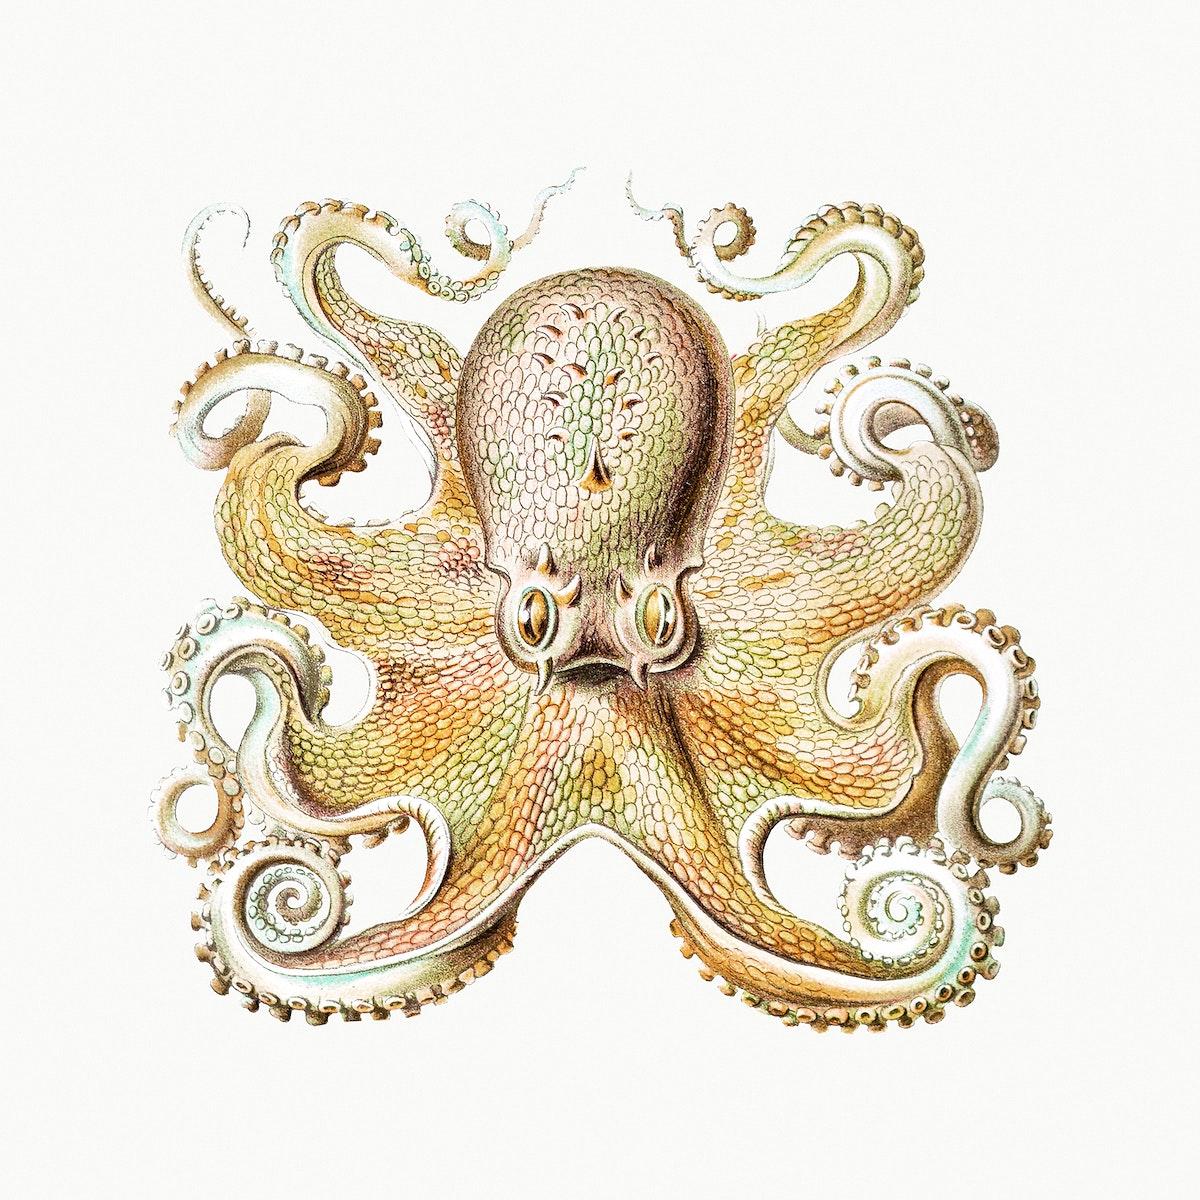 Vintage octopus marine life illustration